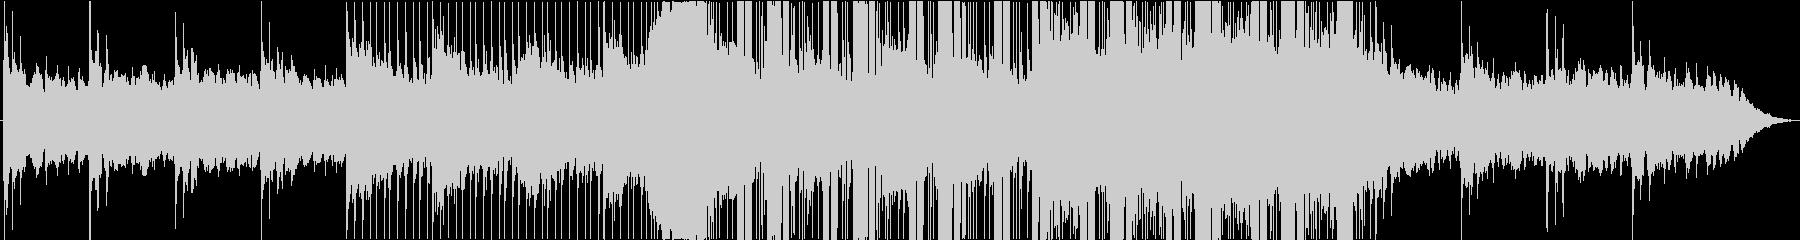 ミステリアスなBGMの未再生の波形